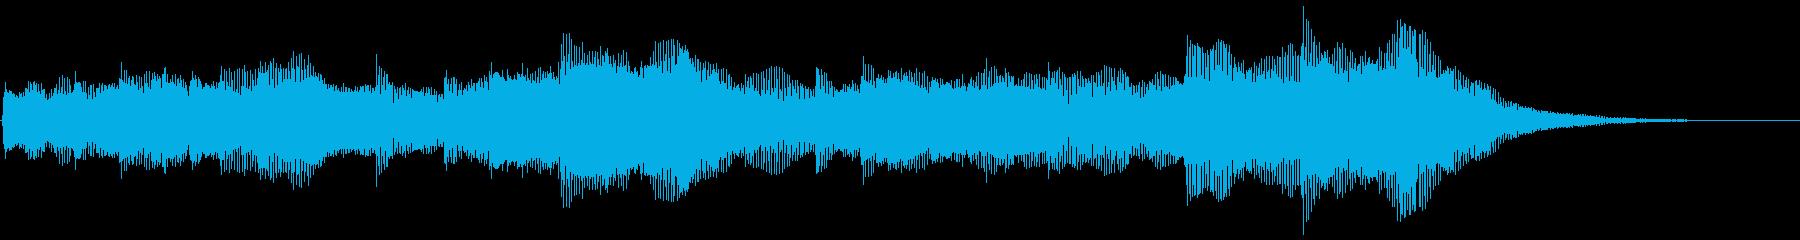 ダークなストリングス ホラー バスドラ抜の再生済みの波形